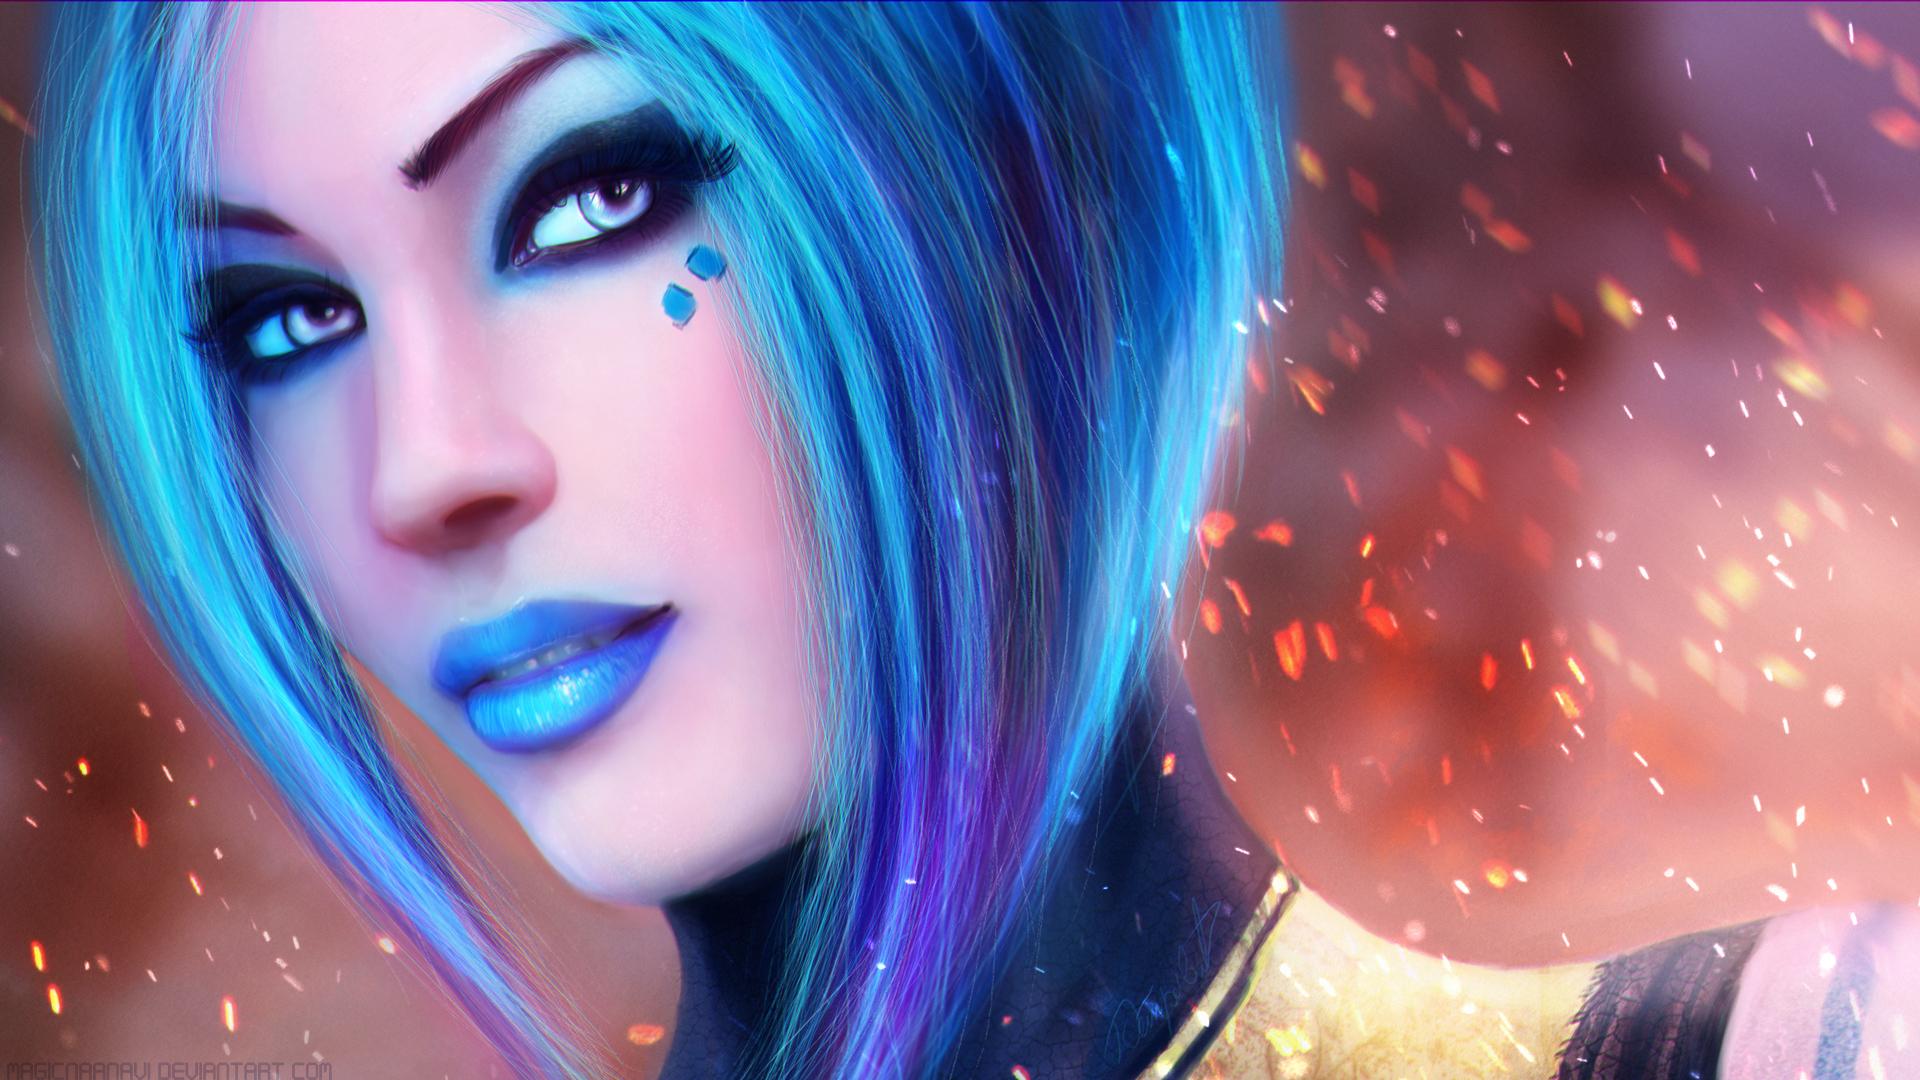 Blue Hair Space Girl HD Wallpaper | 1920x1080 | ID:48858 ...